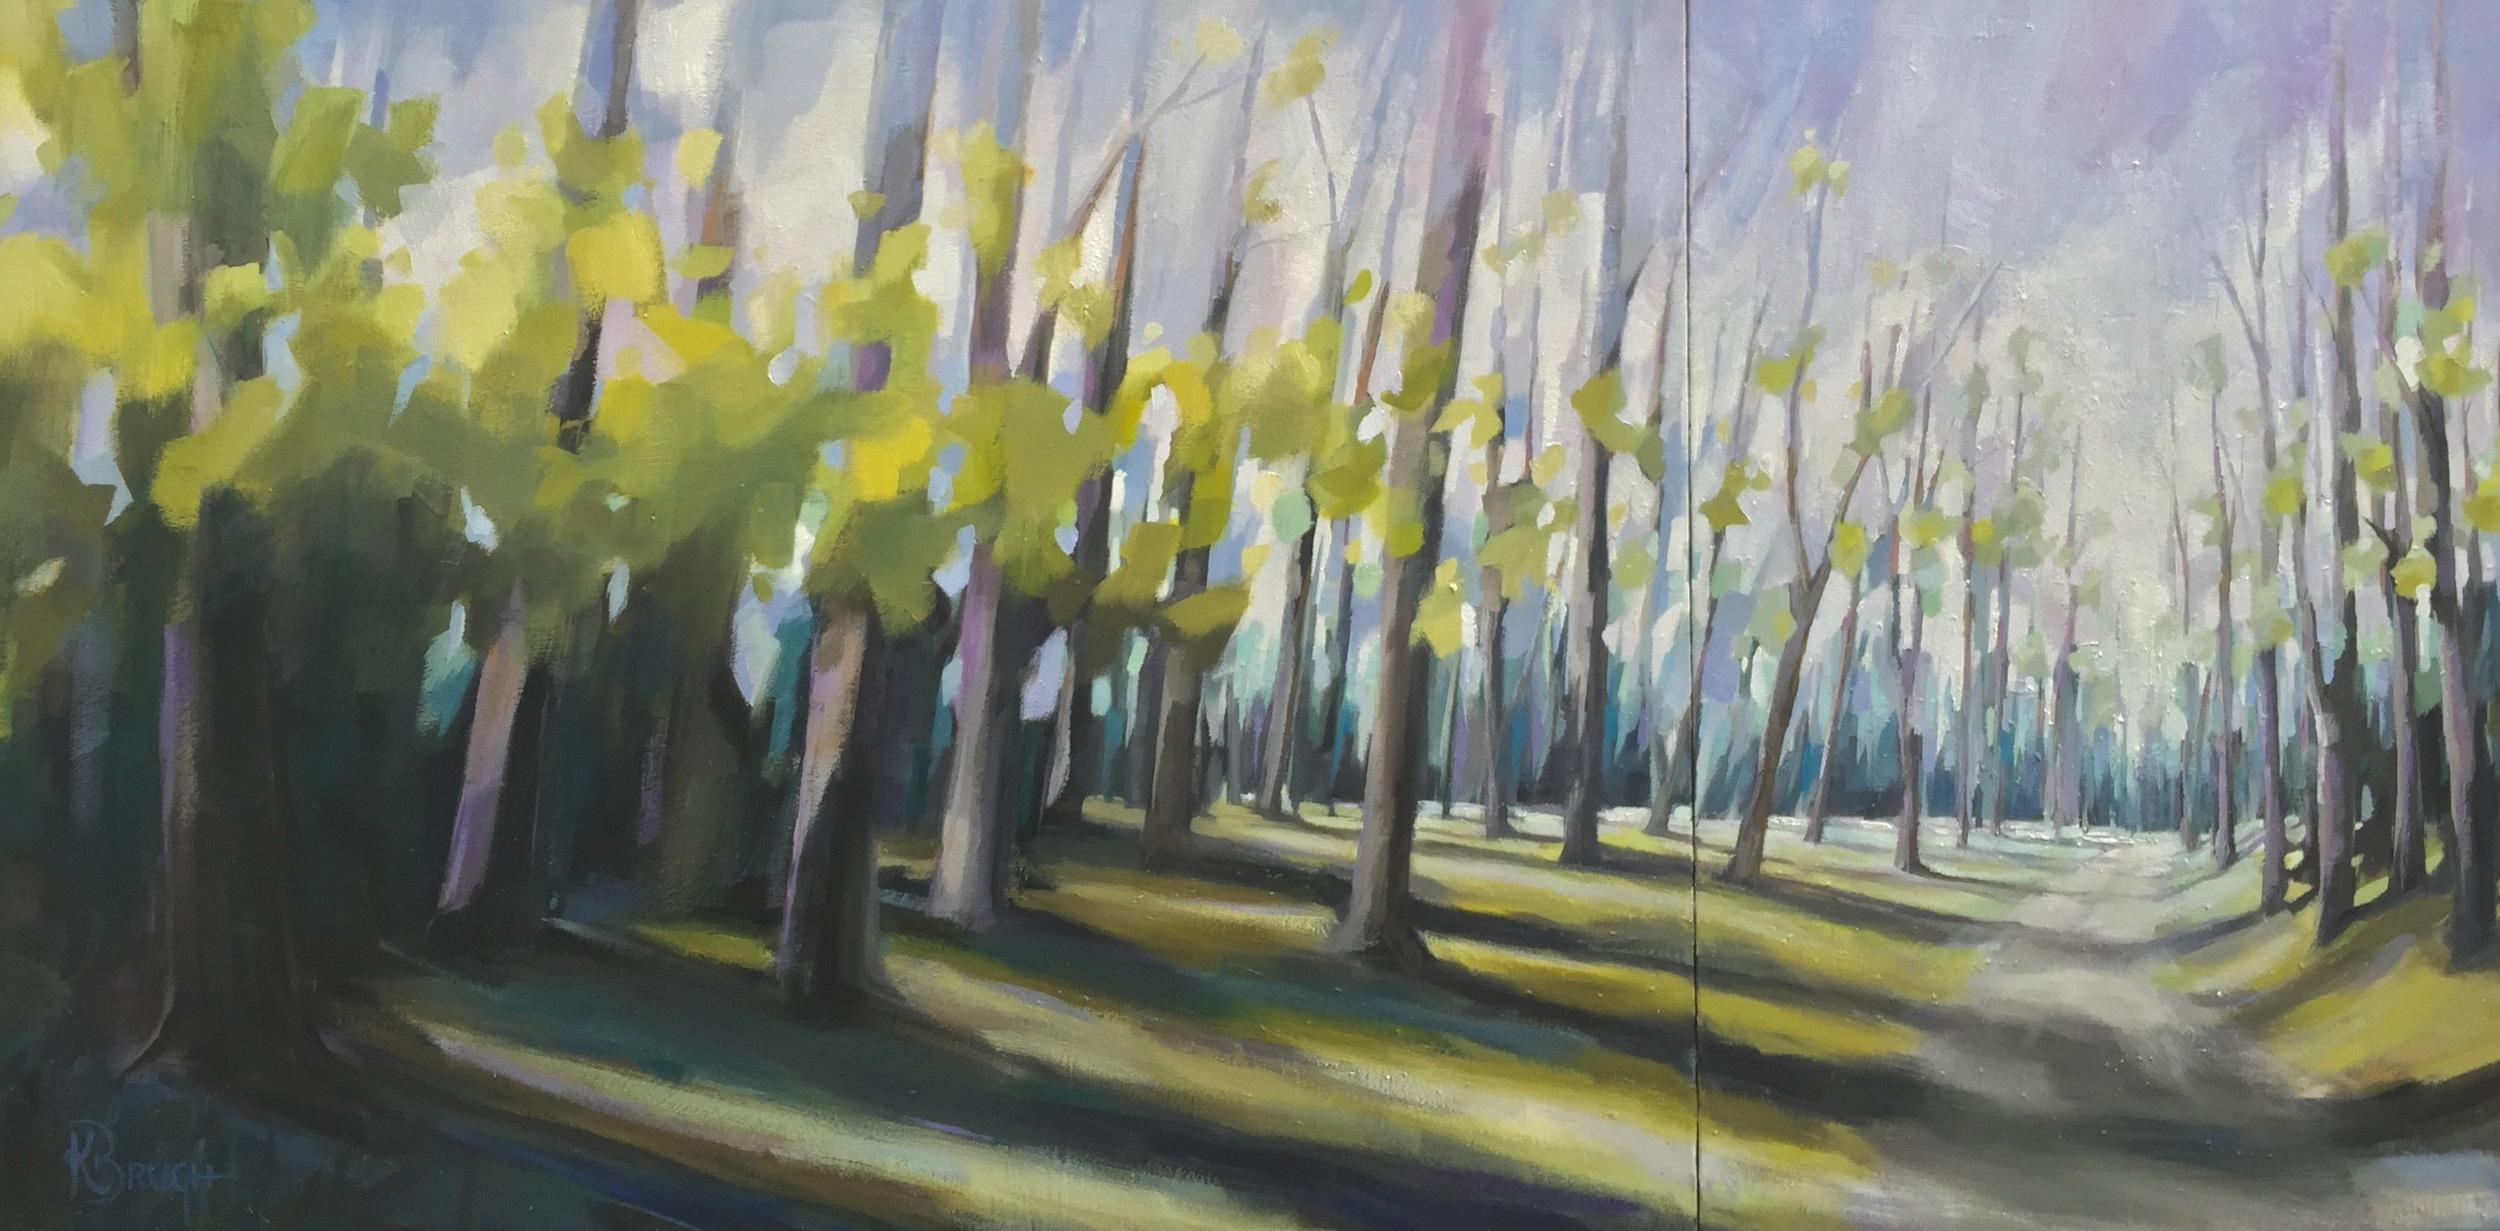 North Carolina Trail by Kelley Brugh 36x72, Oil on canvas  SOLD